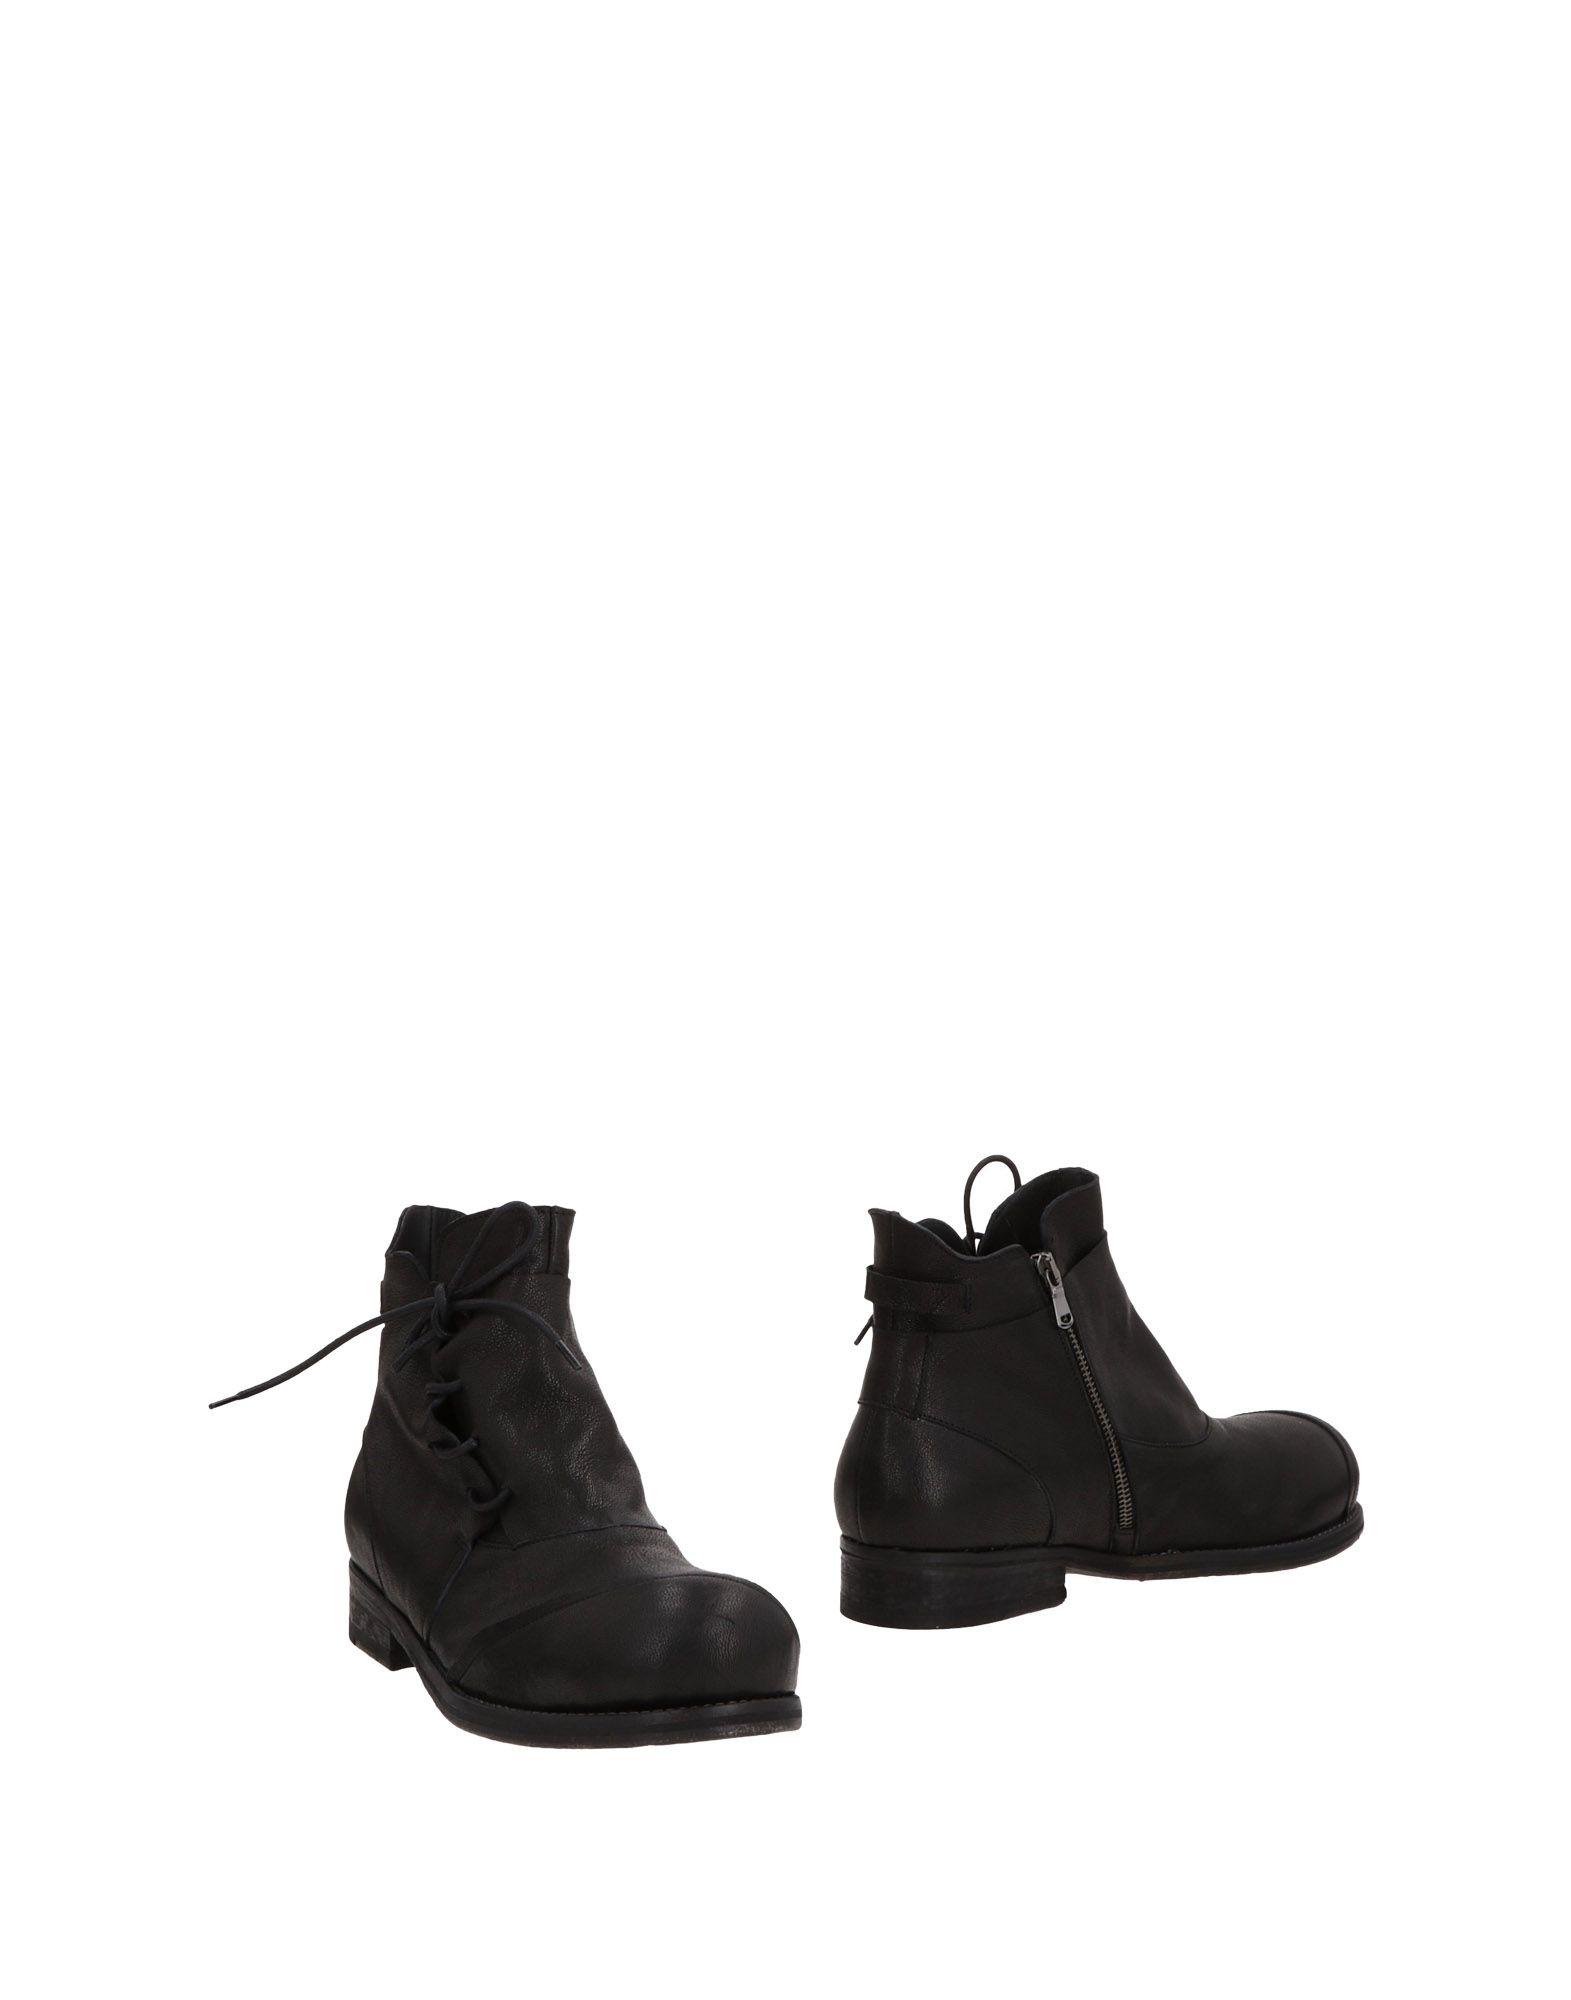 Nabis Stiefelette Herren  Schuhe 11476221PK Gute Qualität beliebte Schuhe  bb3142